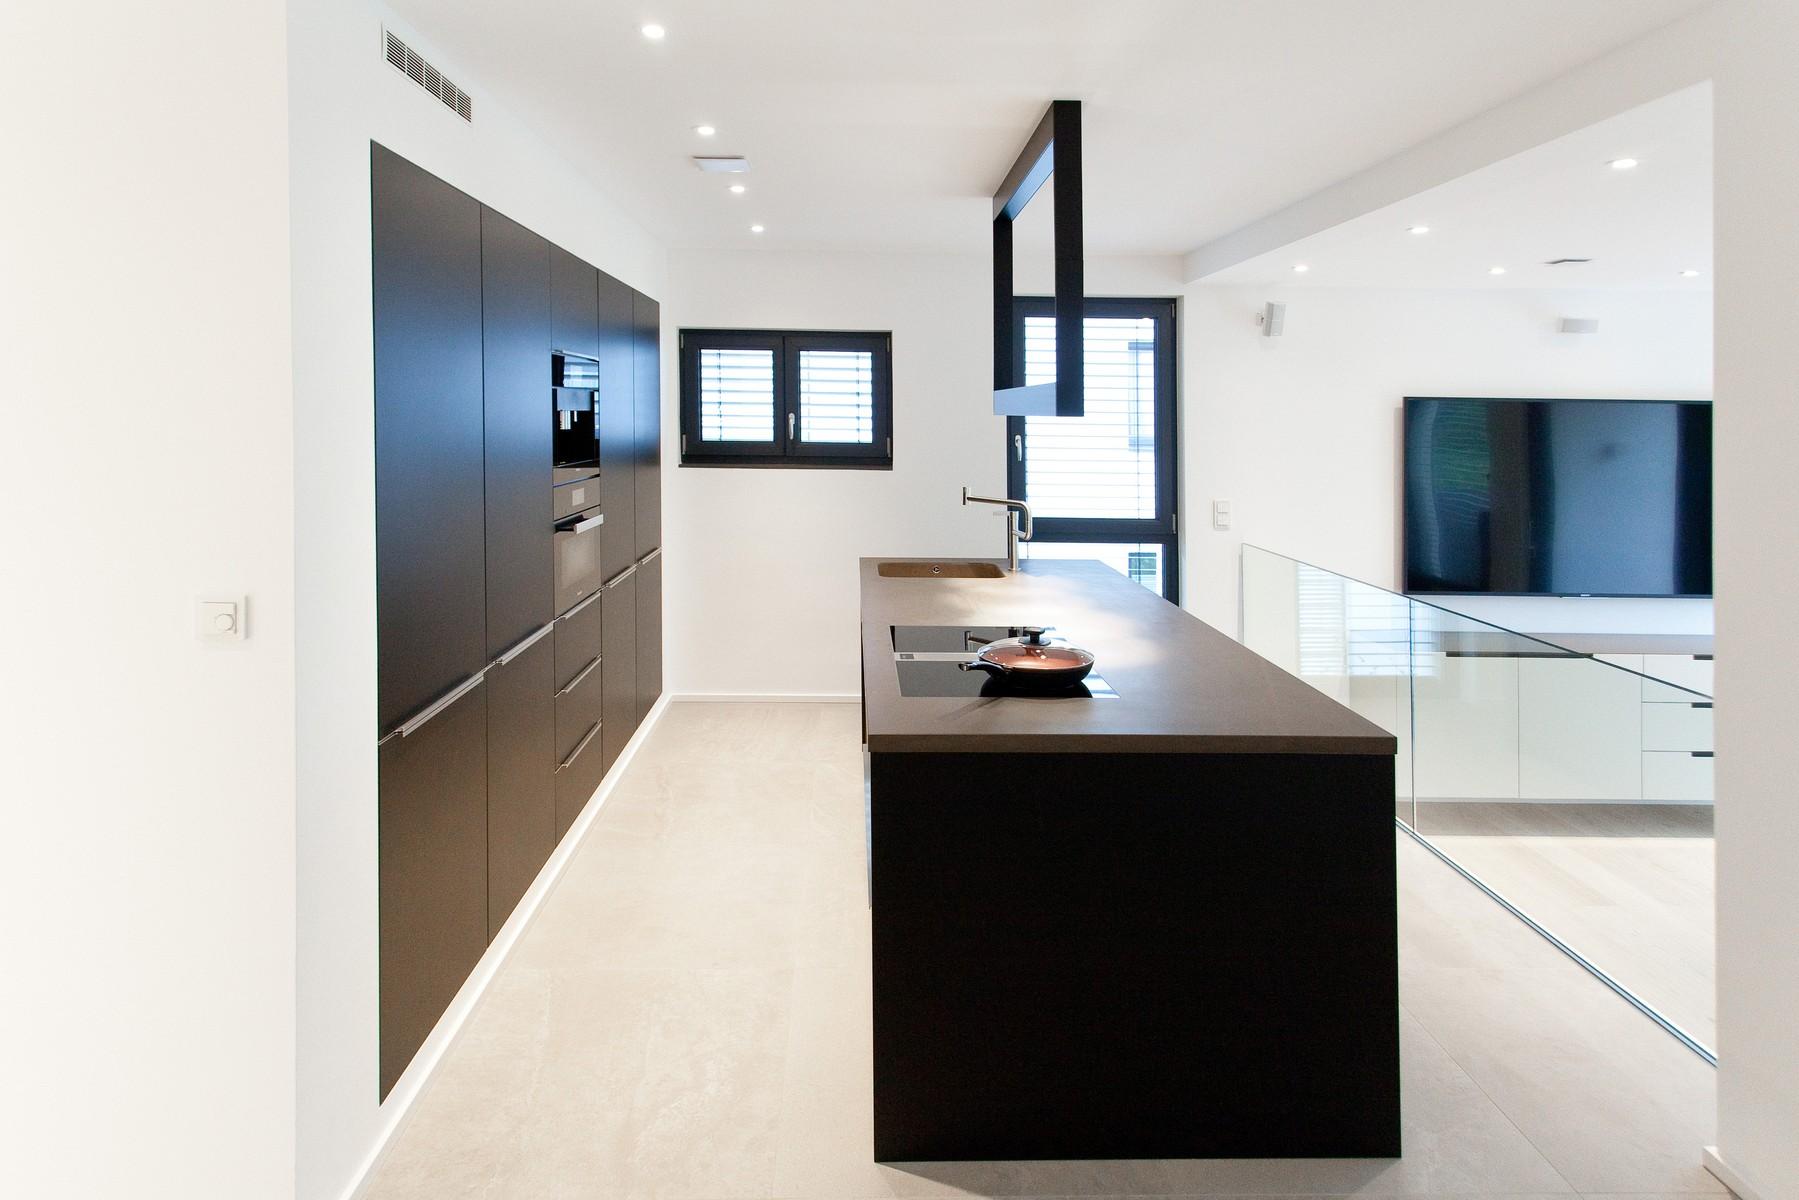 k chen arbeitsplatten f r individuelle hochwertige k chen thiemann. Black Bedroom Furniture Sets. Home Design Ideas